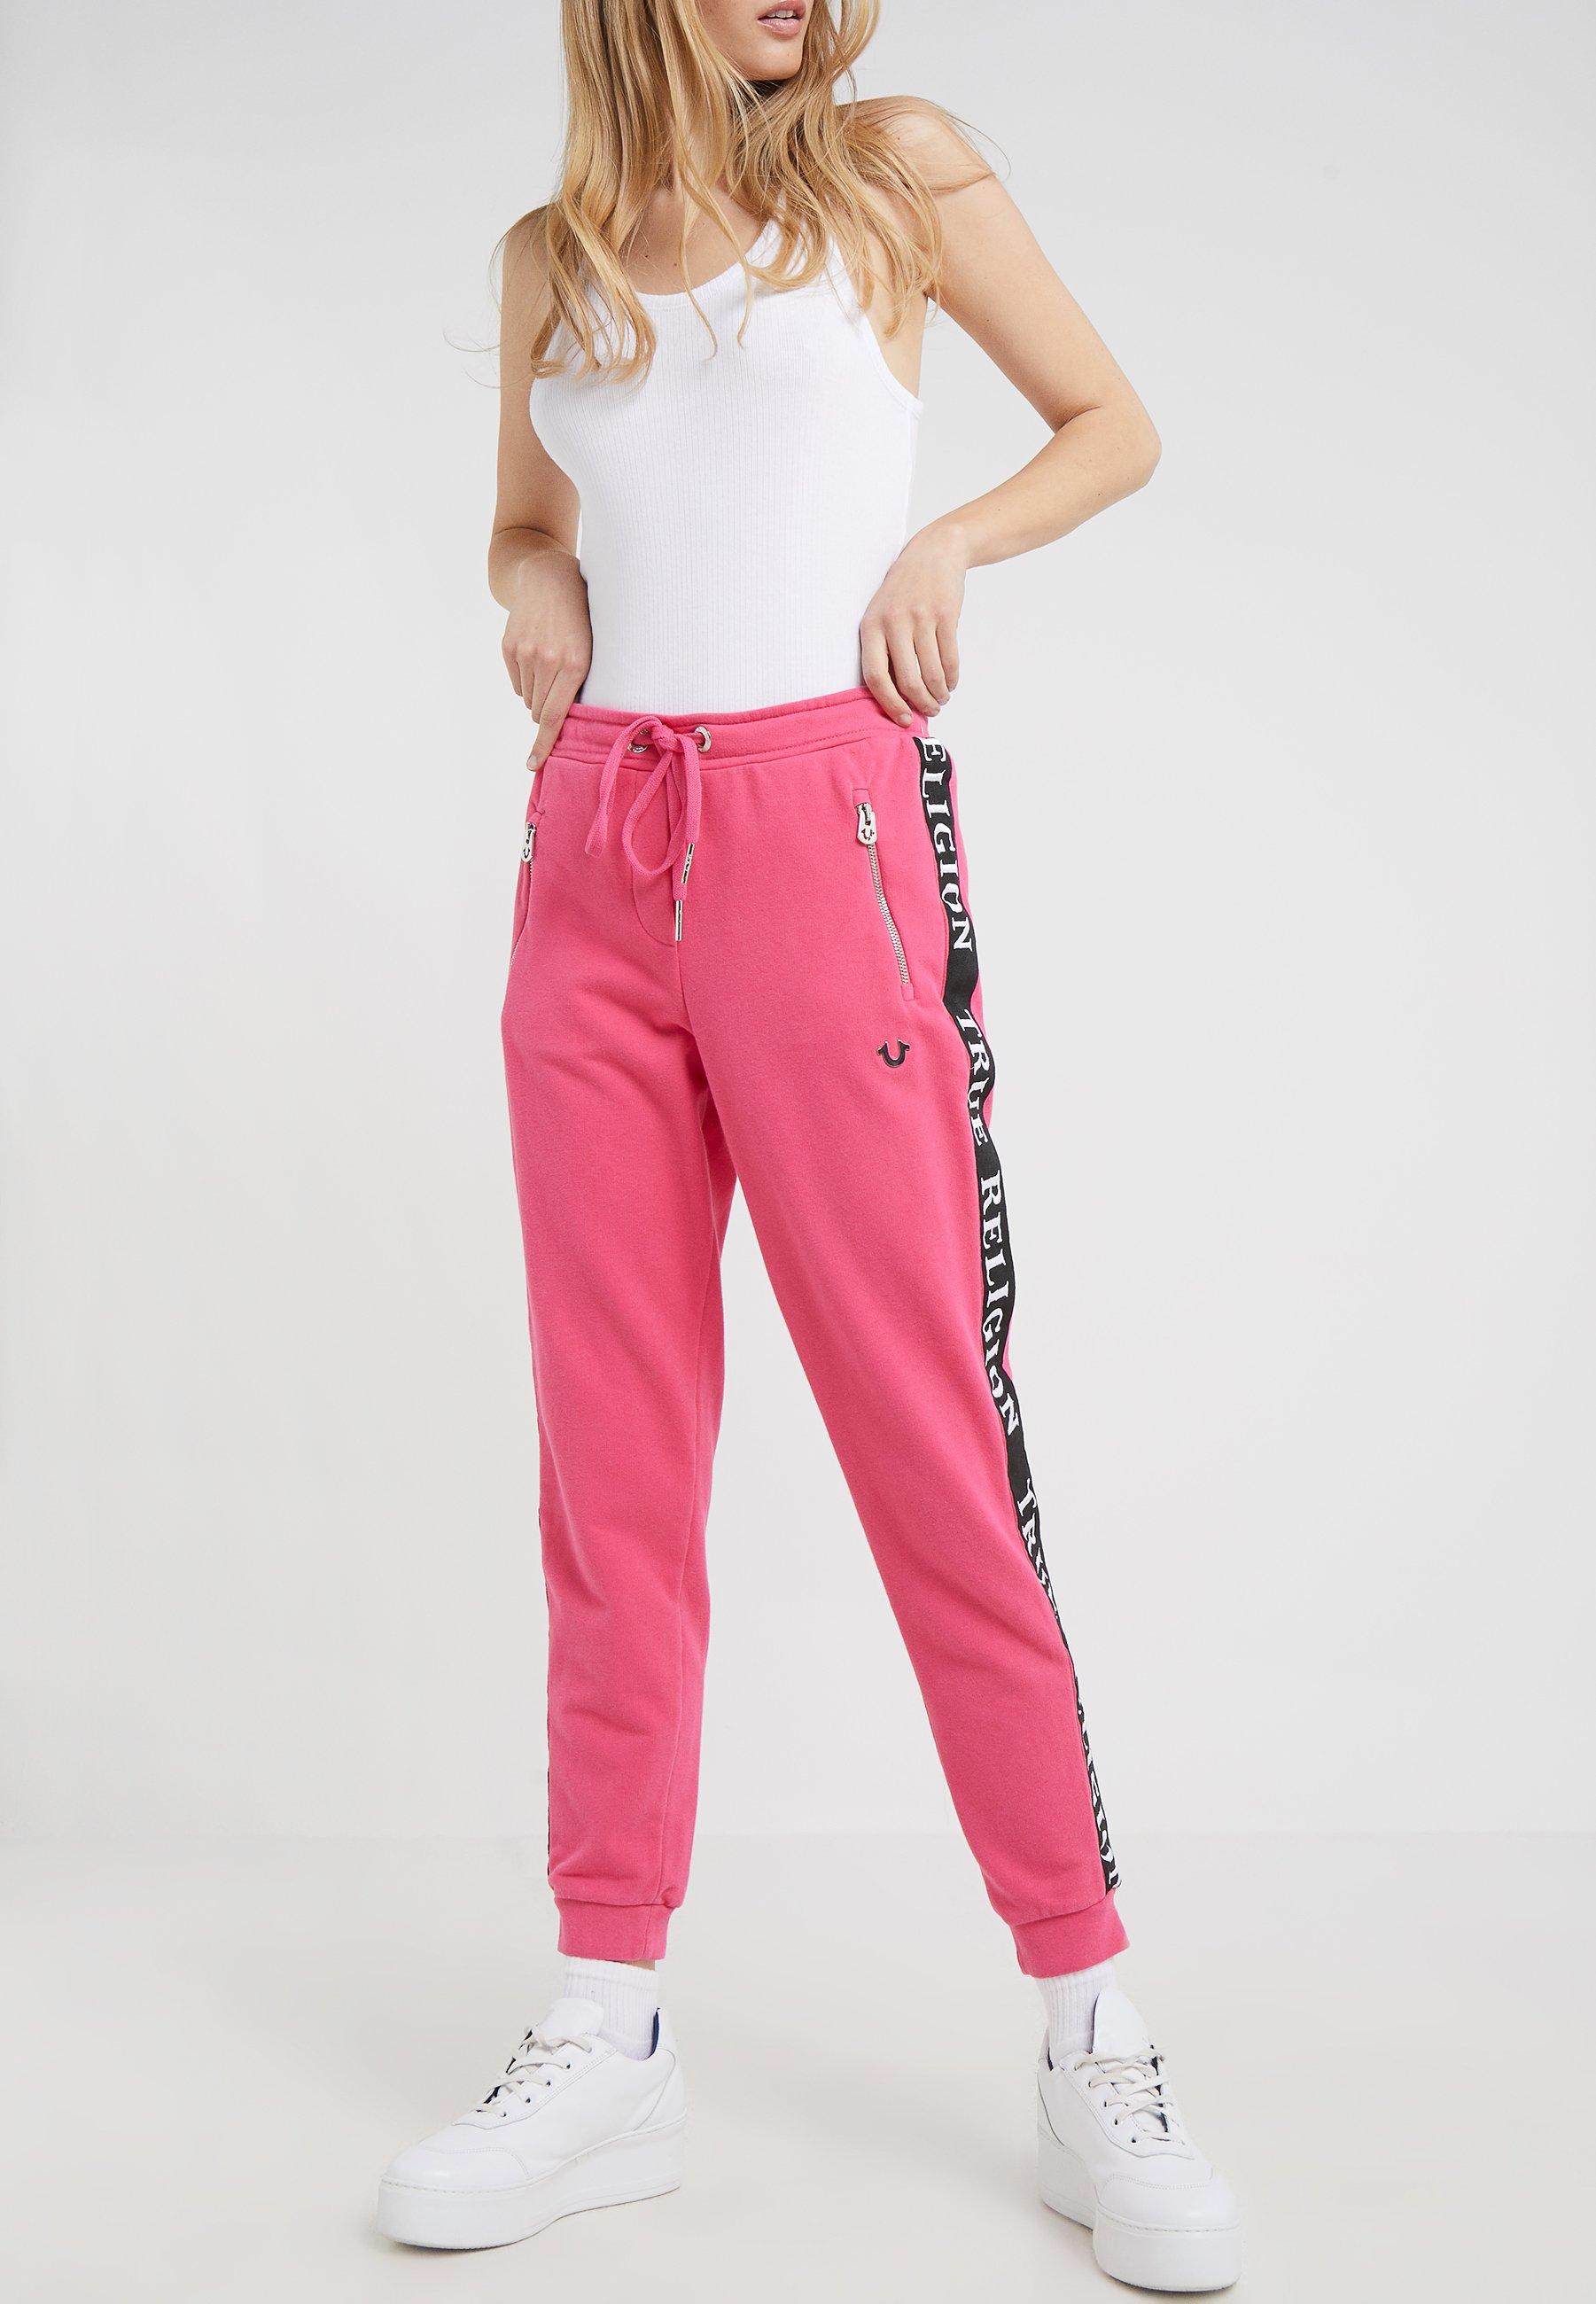 Pink Religion True BlackPantaloni Pant Tape Sportivi lFTJK1c